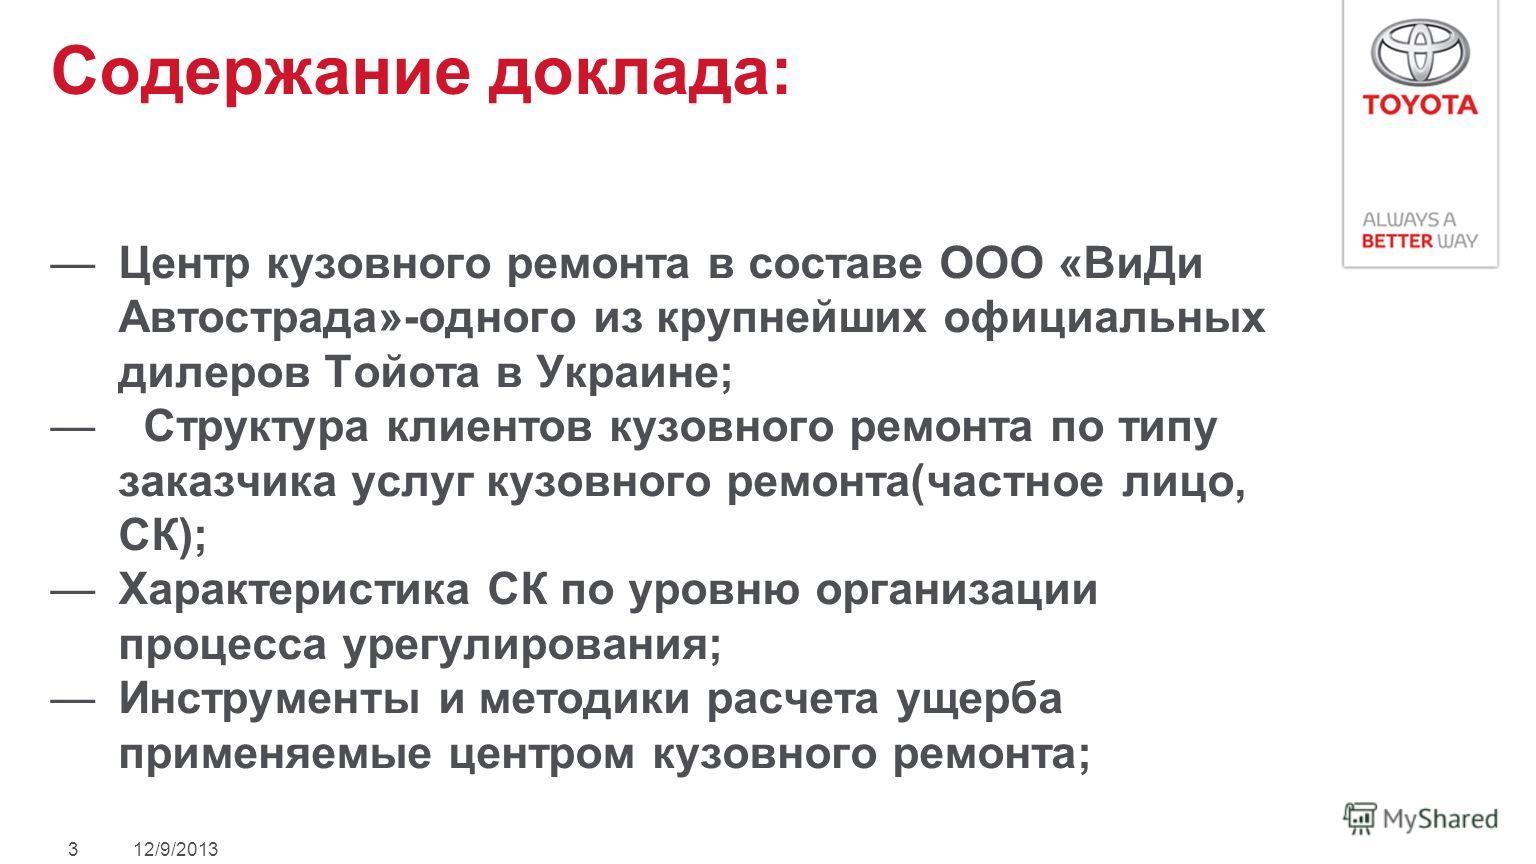 Центр кузовного ремонта в составе ООО «ВиДи Автострада»-одного из крупнейших официальных дилеров Тойота в Украине; Структура клиентов кузовного ремонта по типу заказчика услуг кузовного ремонта(частное лицо, СК); Характеристика СК по уровню организац